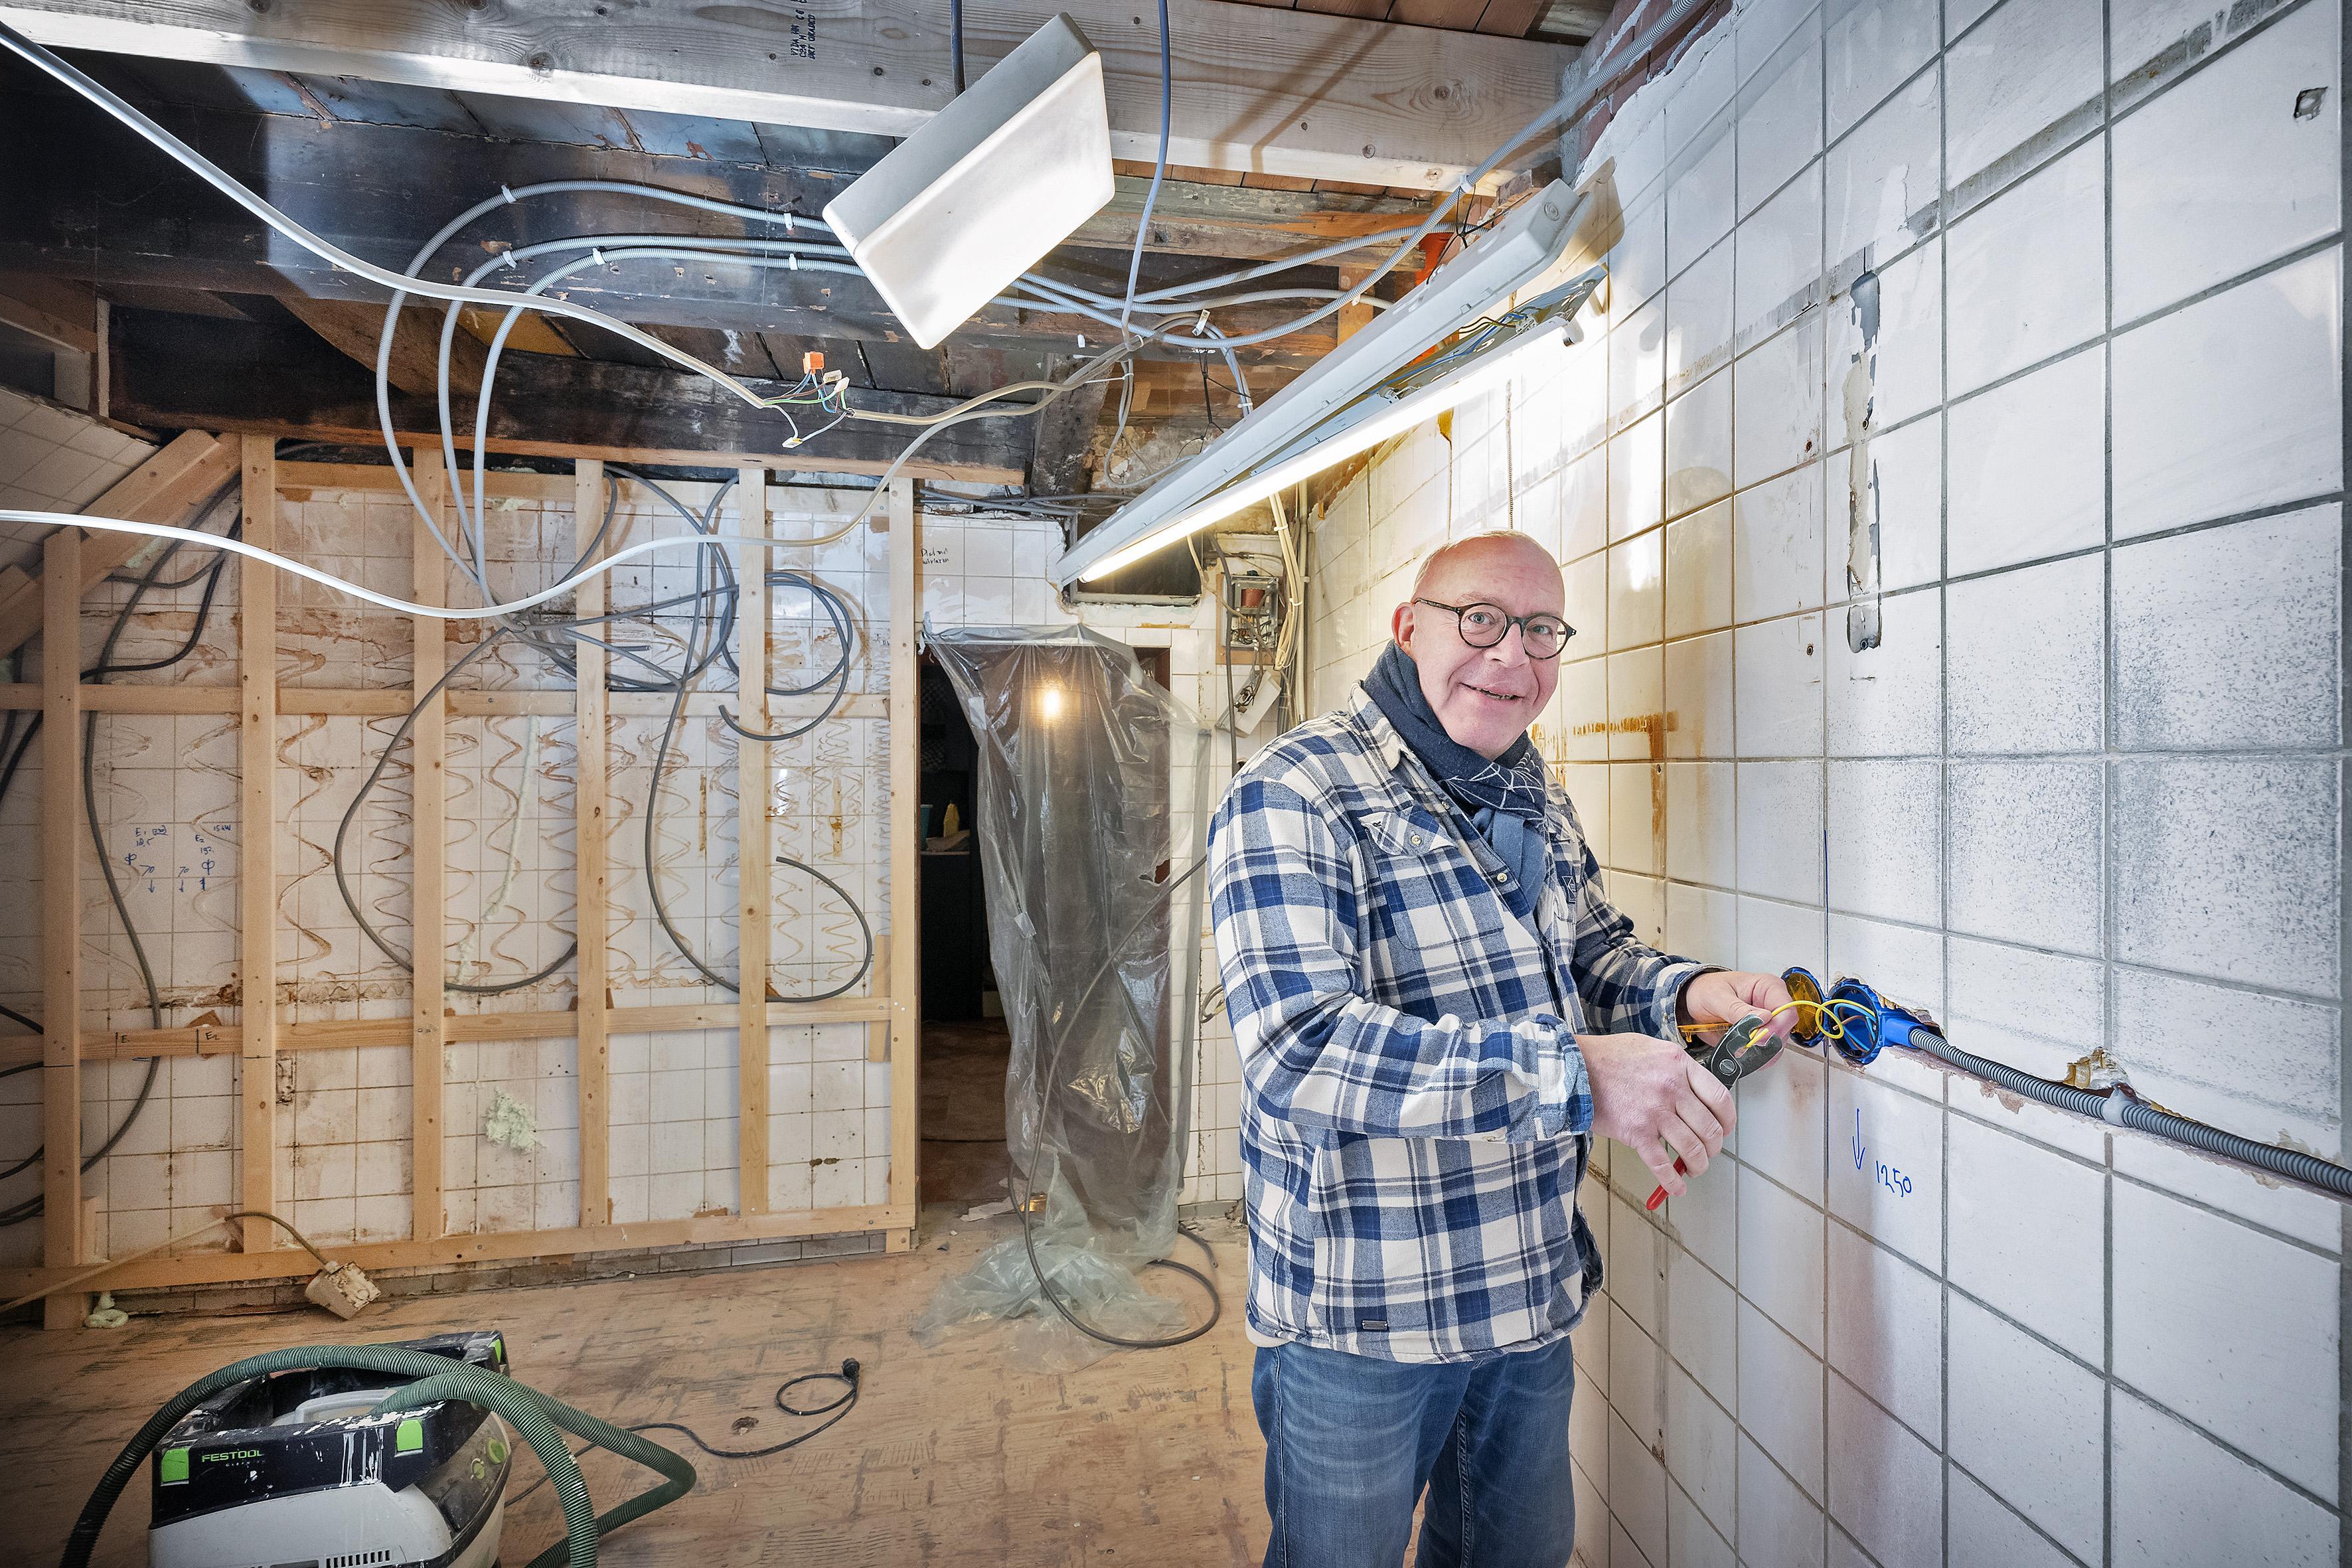 Paul van der Werff uit Haarlem investeert flink in onzekere horecatoekomst 'Velen verklaren me voor gek, anderen vinden het superstoer'